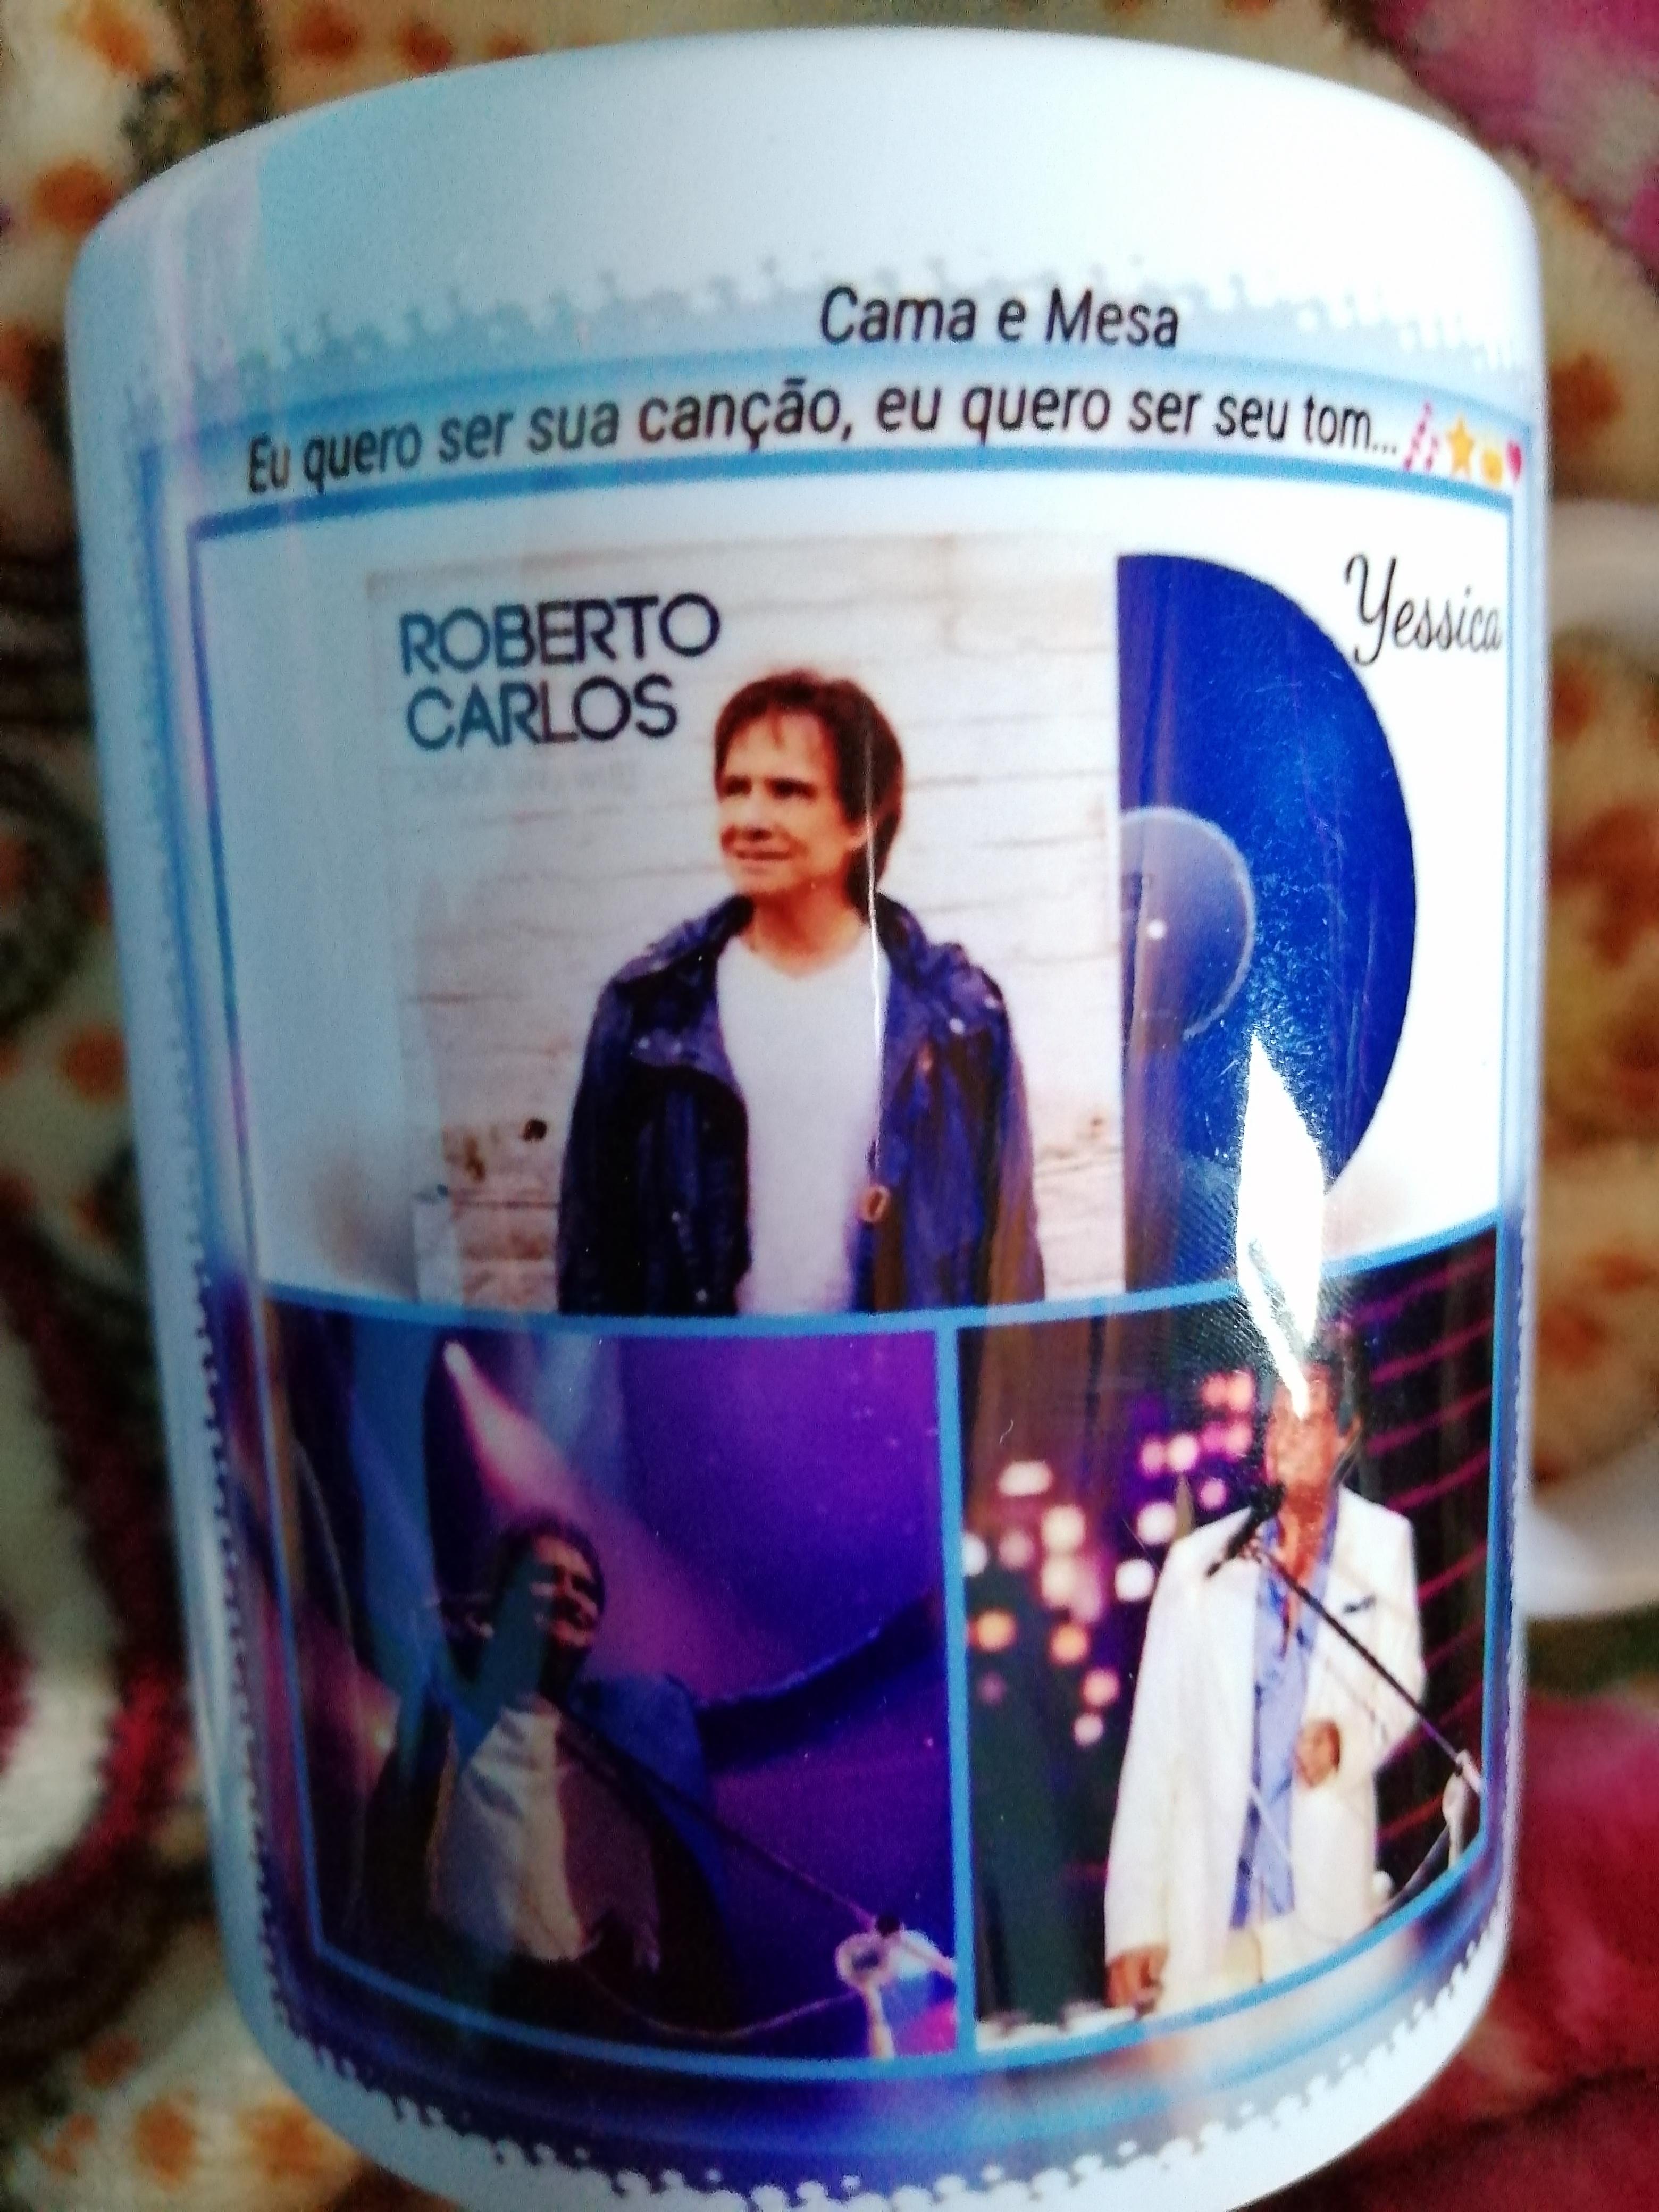 Yessica Meza - Eu quero ser sua canção, eu quero ser seu tom...